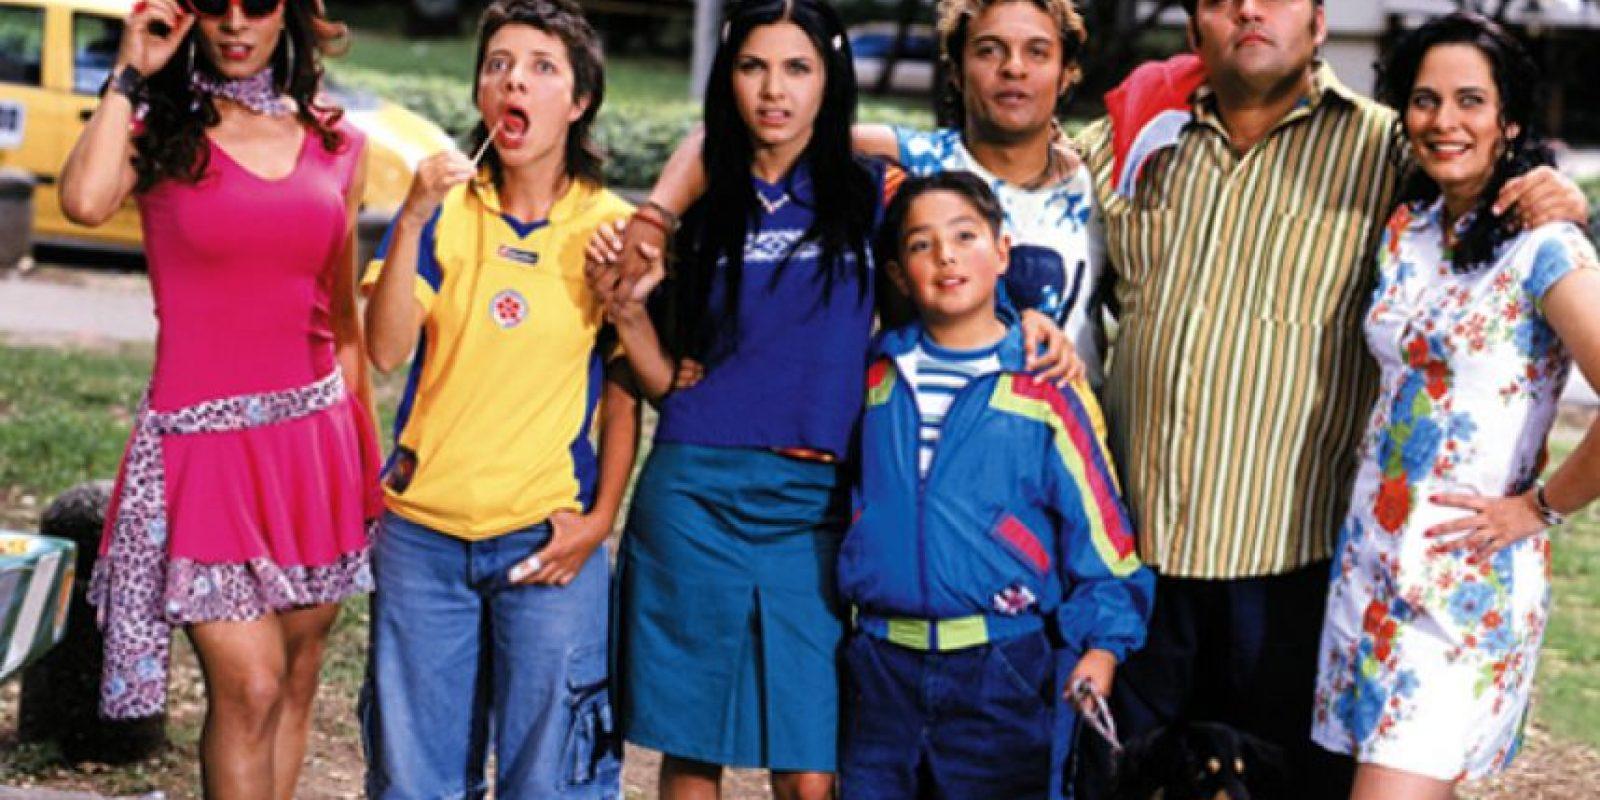 Los Reyes: Es el remake de la novela argentina 'Los Roldán'. Fue protagonizada por Enrique Carriazo, Geraldine Zivic, Diego Trujillo y Julián Román.